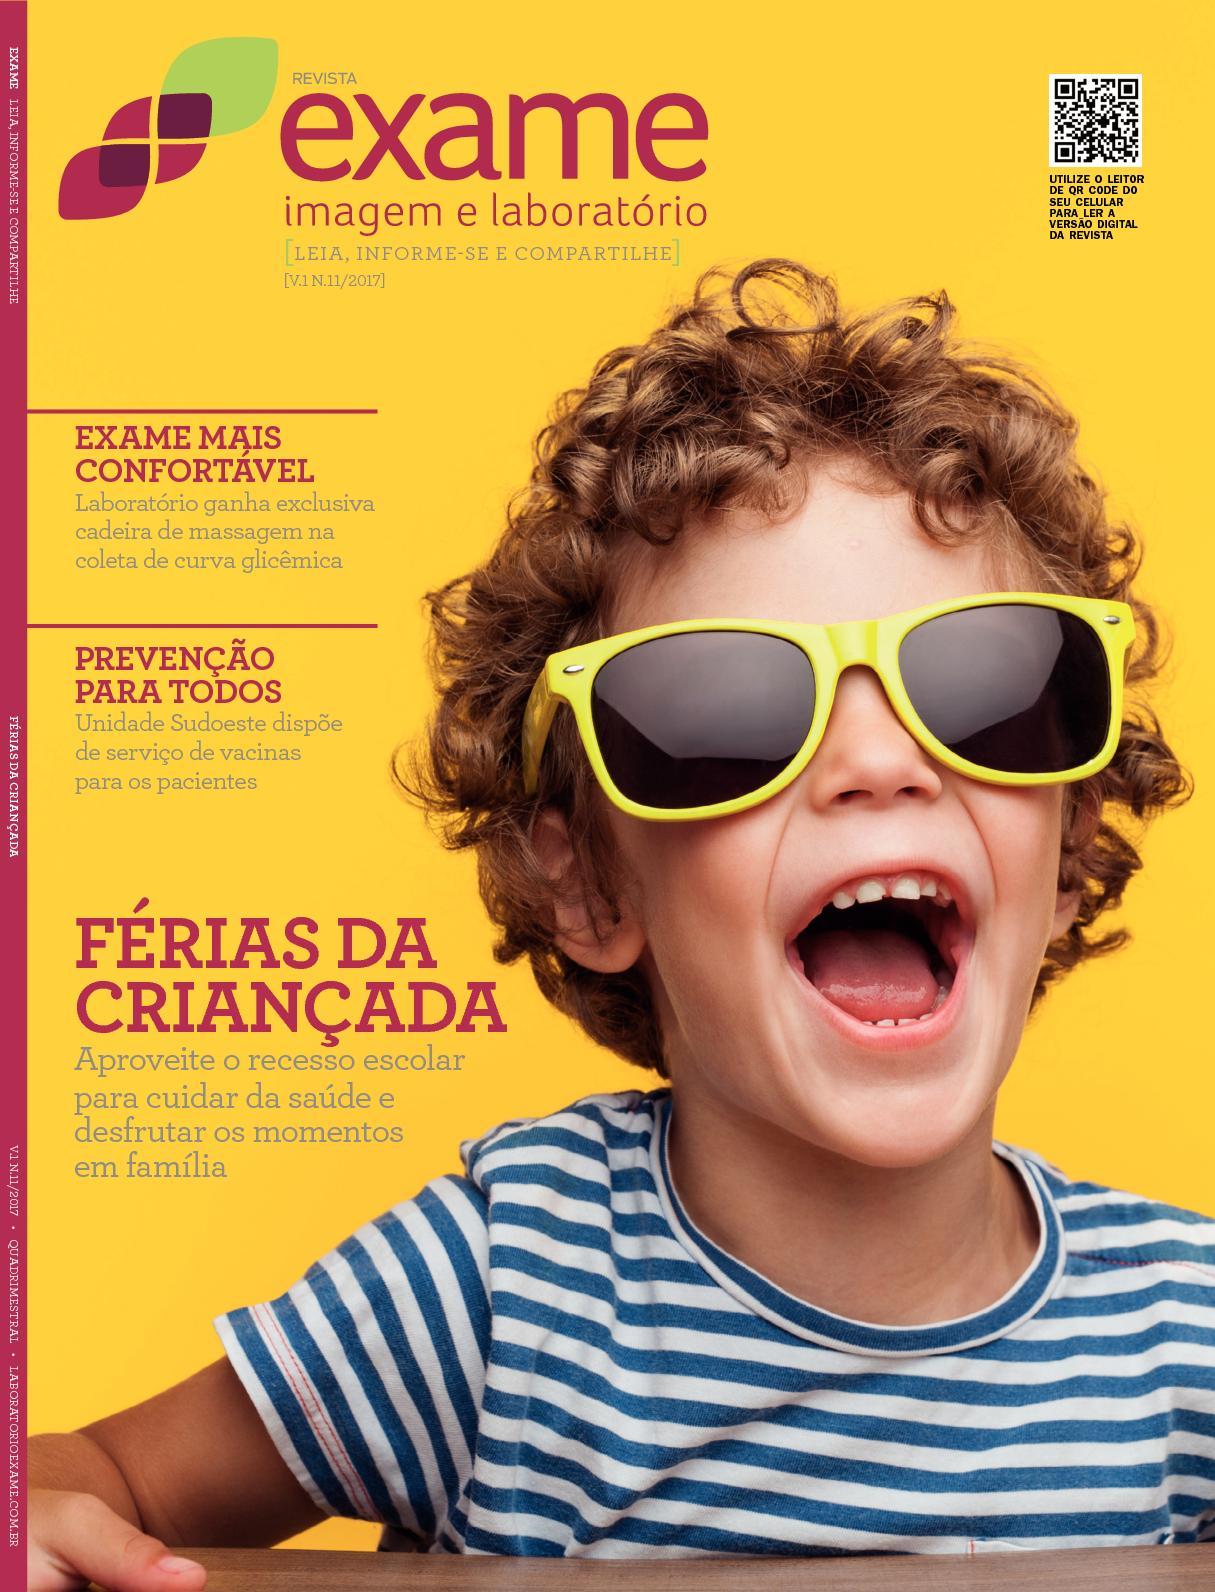 Calaméo - Revista Exame 11ª edição e276d3439d